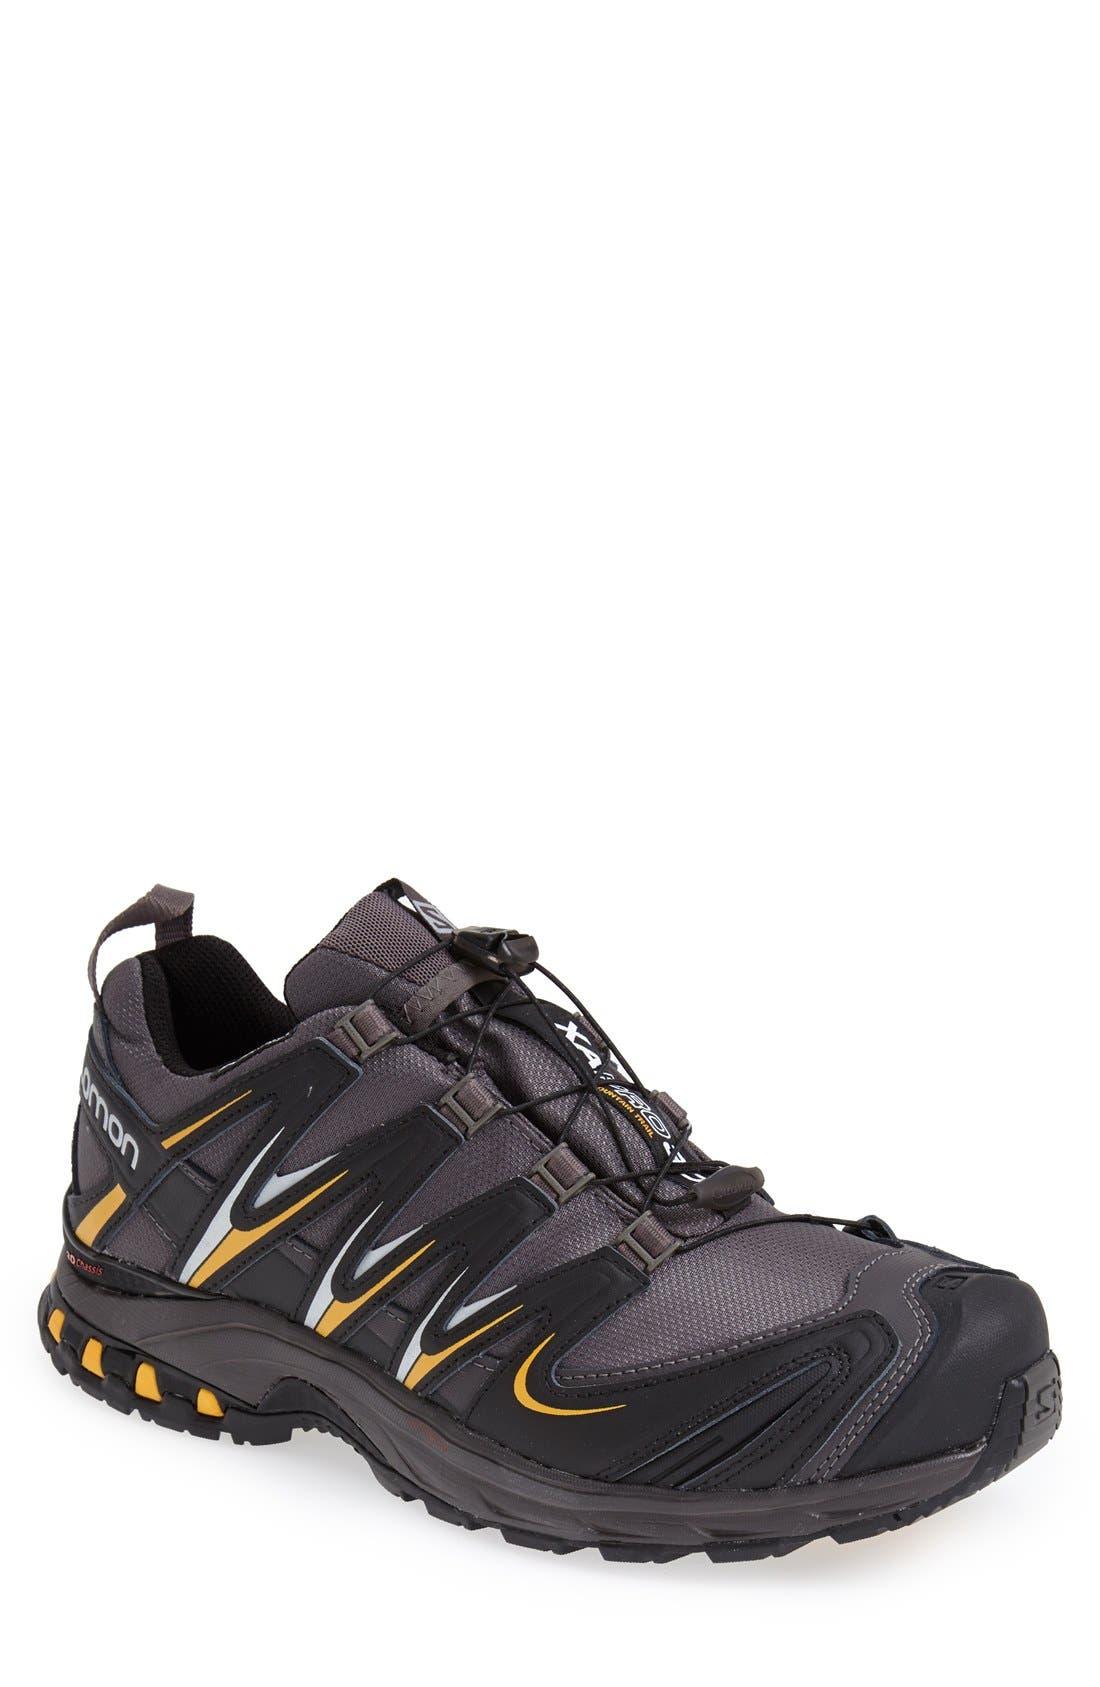 Alternate Image 1 Selected - Salomon 'XA Pro 3D Ultra CS WP' Trail Running Shoe (Men)